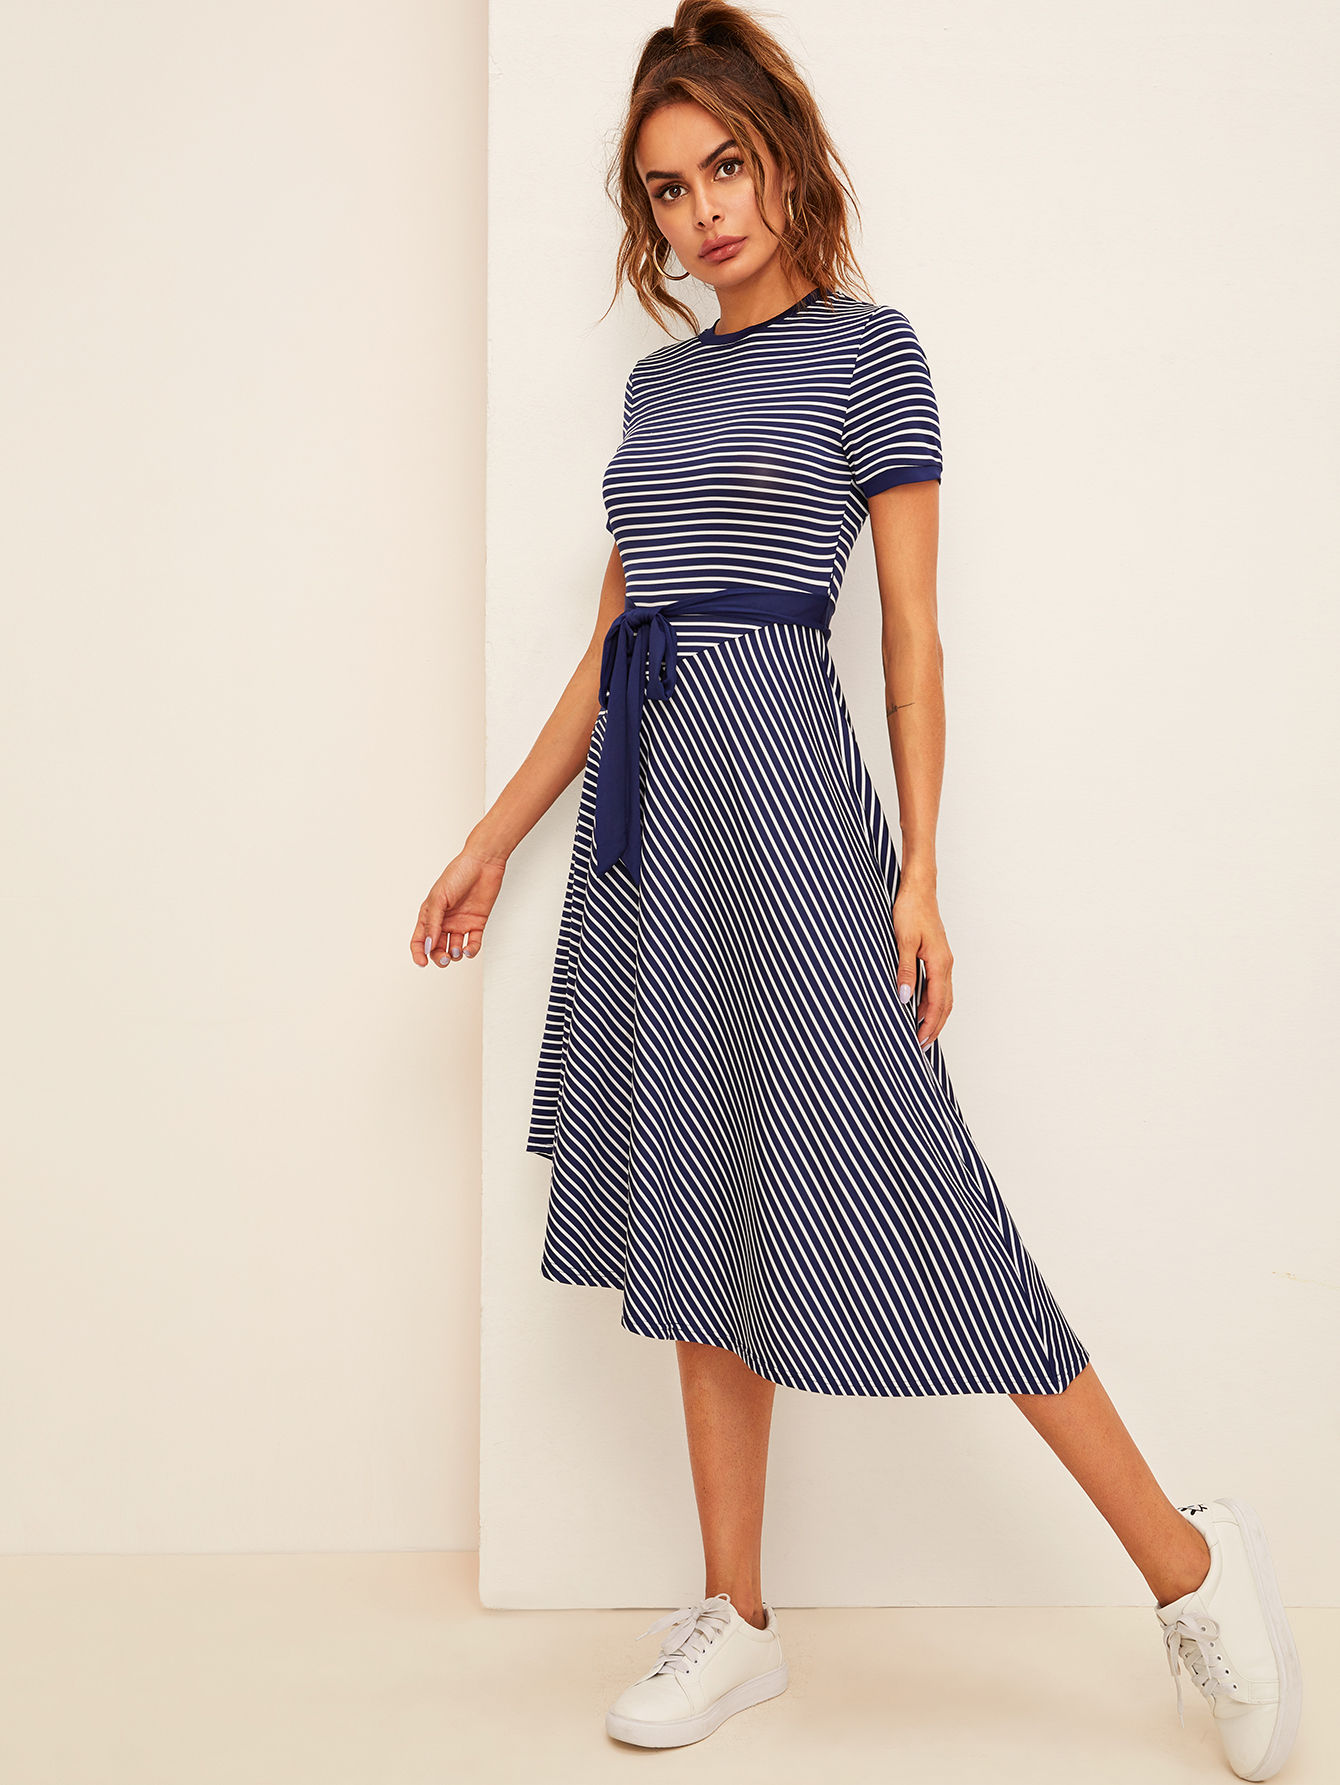 Фото - Асимметричное полосатое платье с поясом от SheIn цвет тёмно-синие